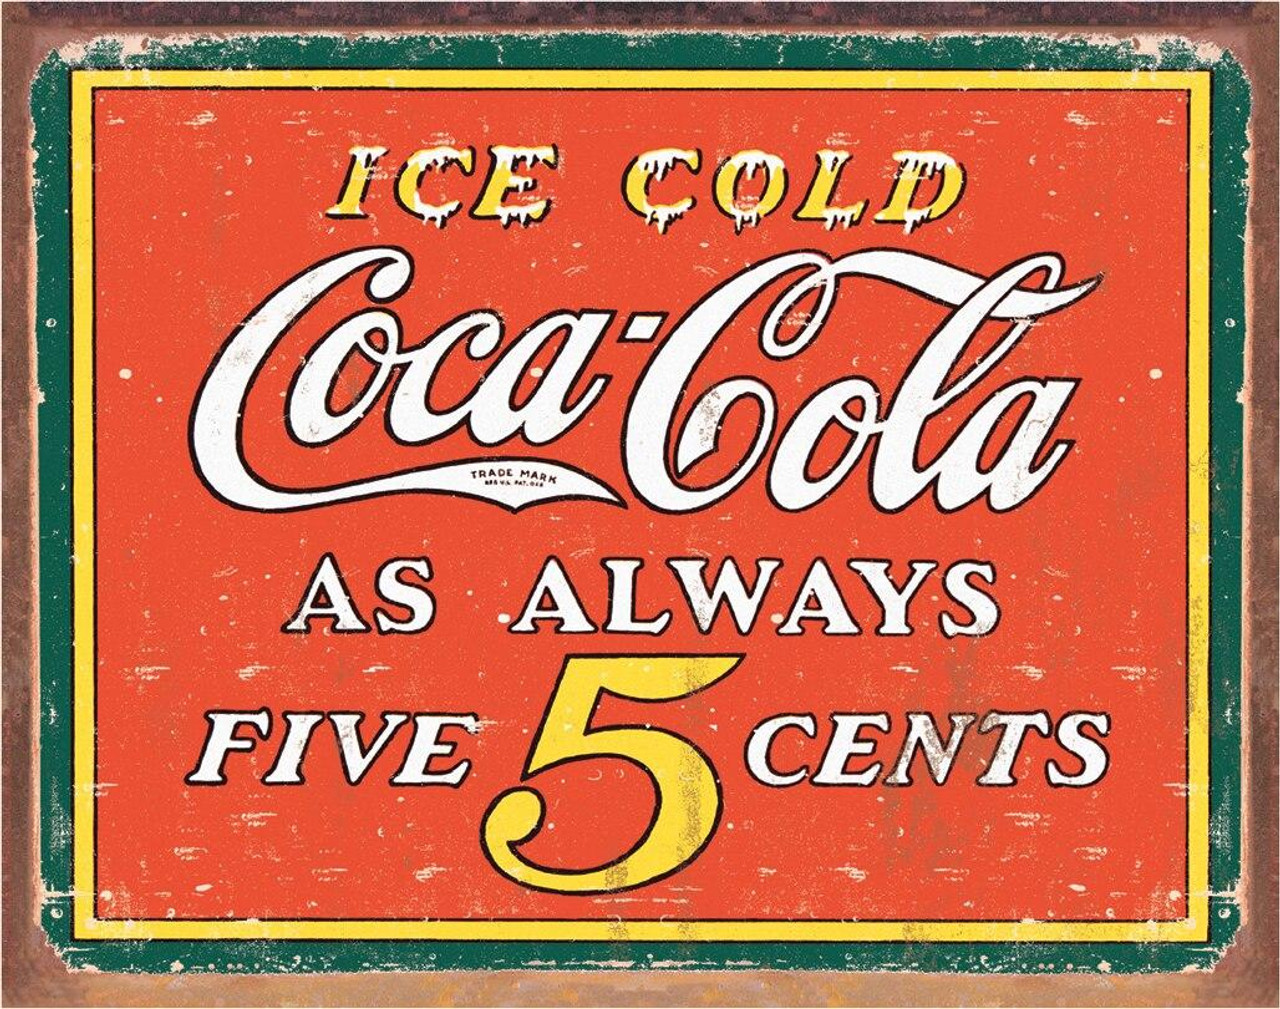 Coca-Cola COKE - Always 5 Cents